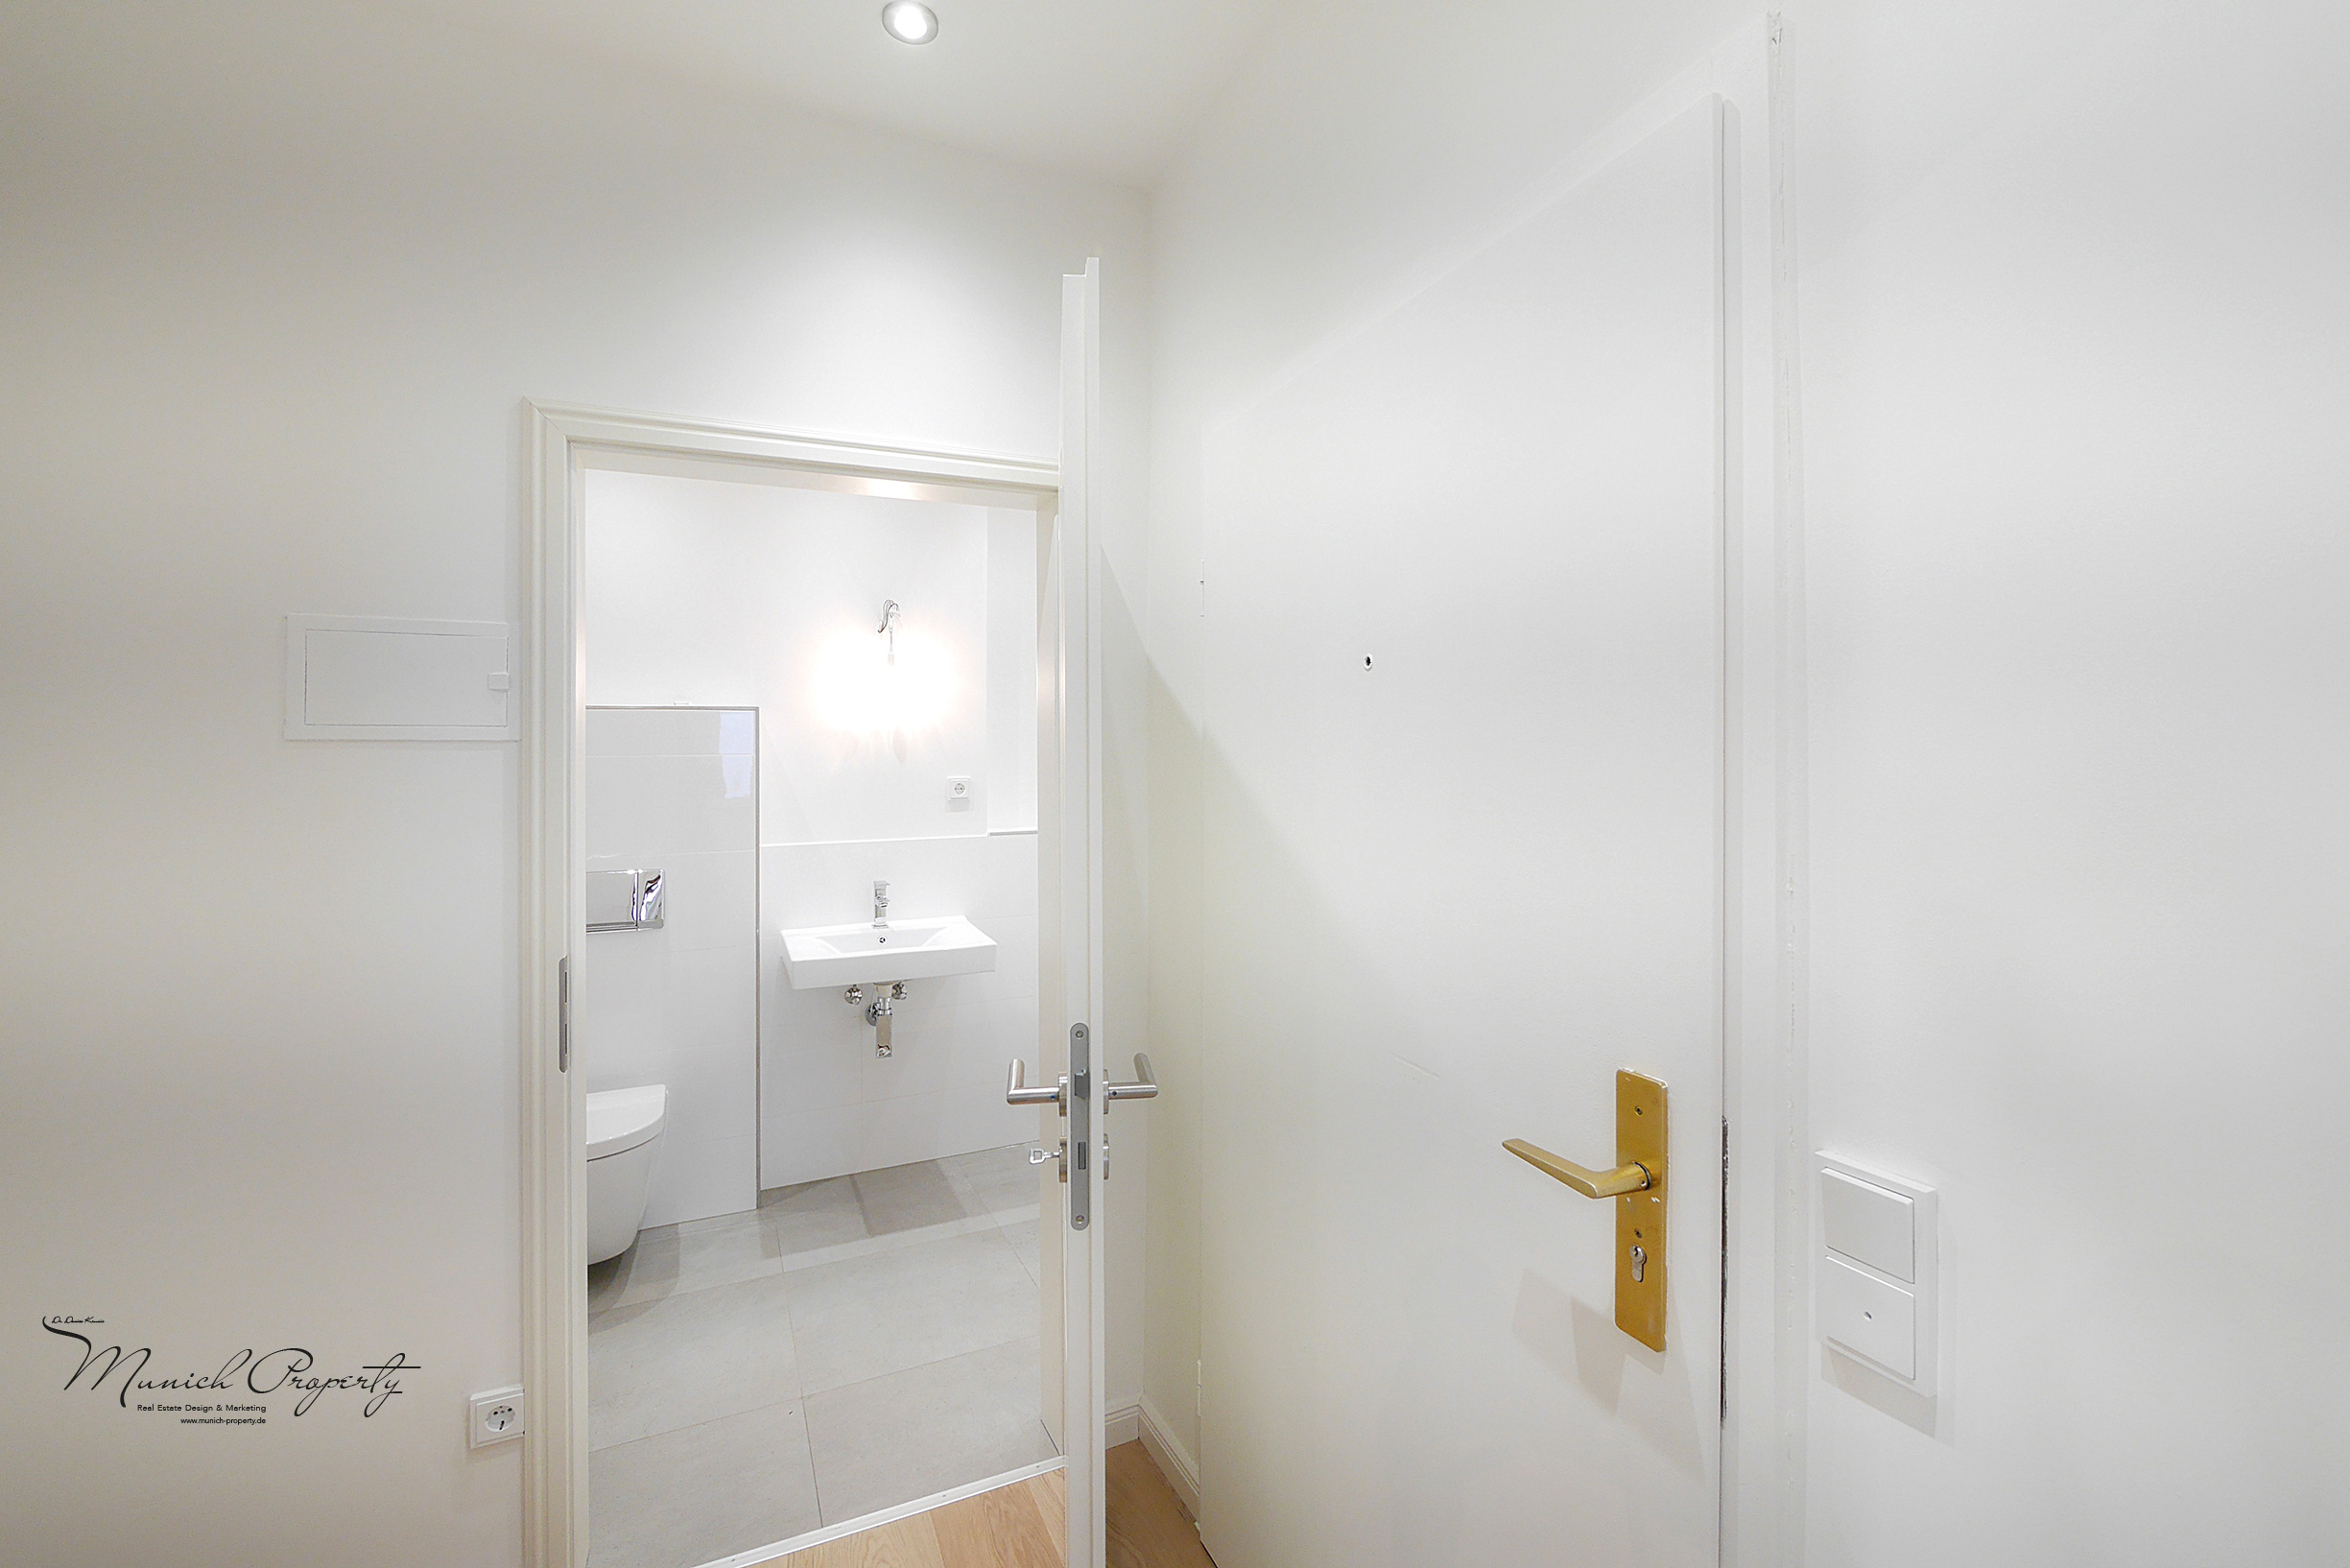 Wohnung mieten München Westend Schwanthalerhöhe: 2 Zimmer Altbau: Badezimmer